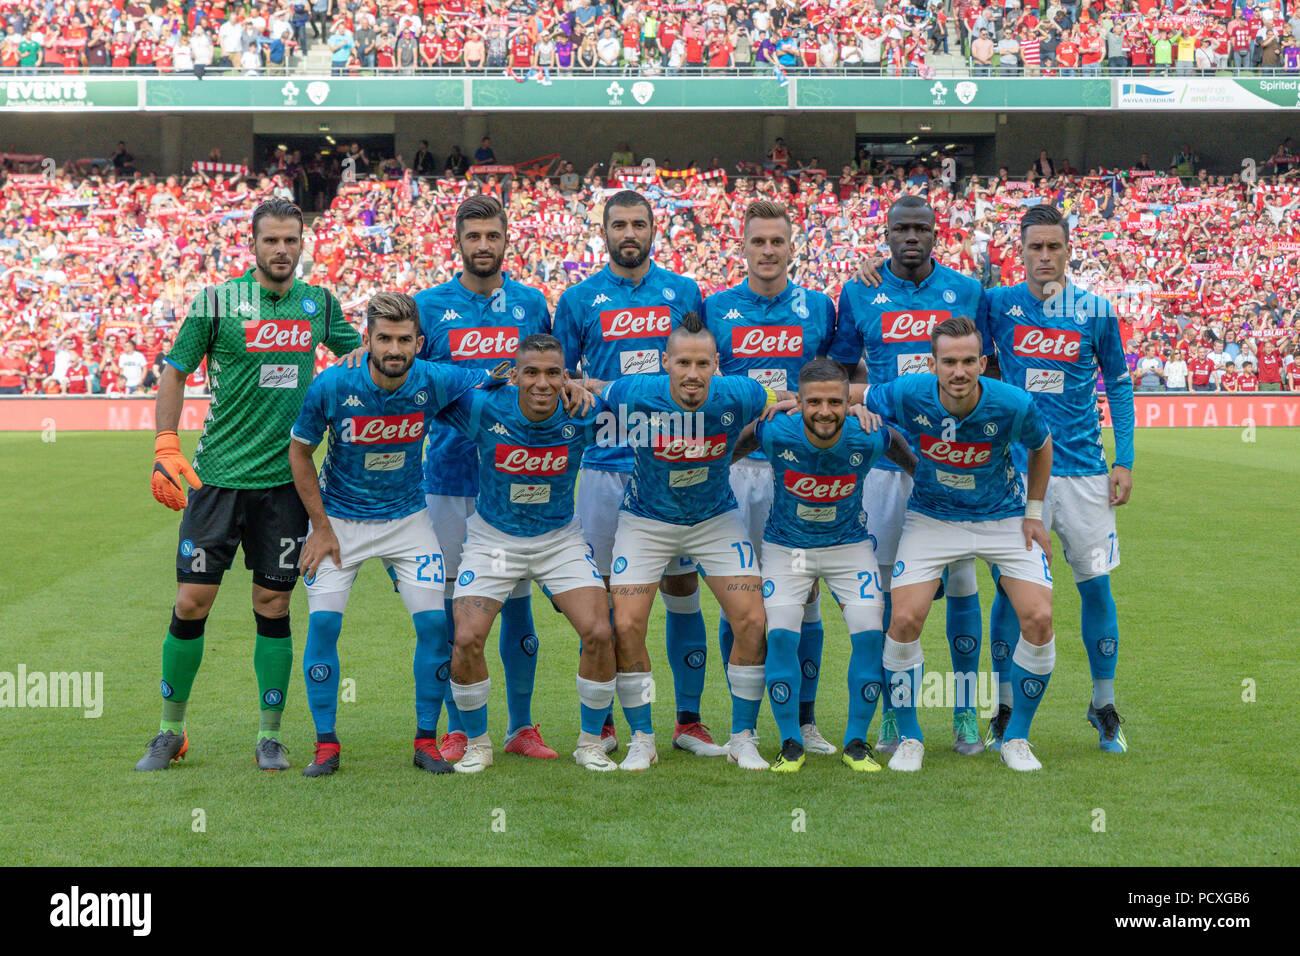 d3c0c3b196a18 Ssc Napoli Team Imágenes De Stock   Ssc Napoli Team Fotos De Stock ...